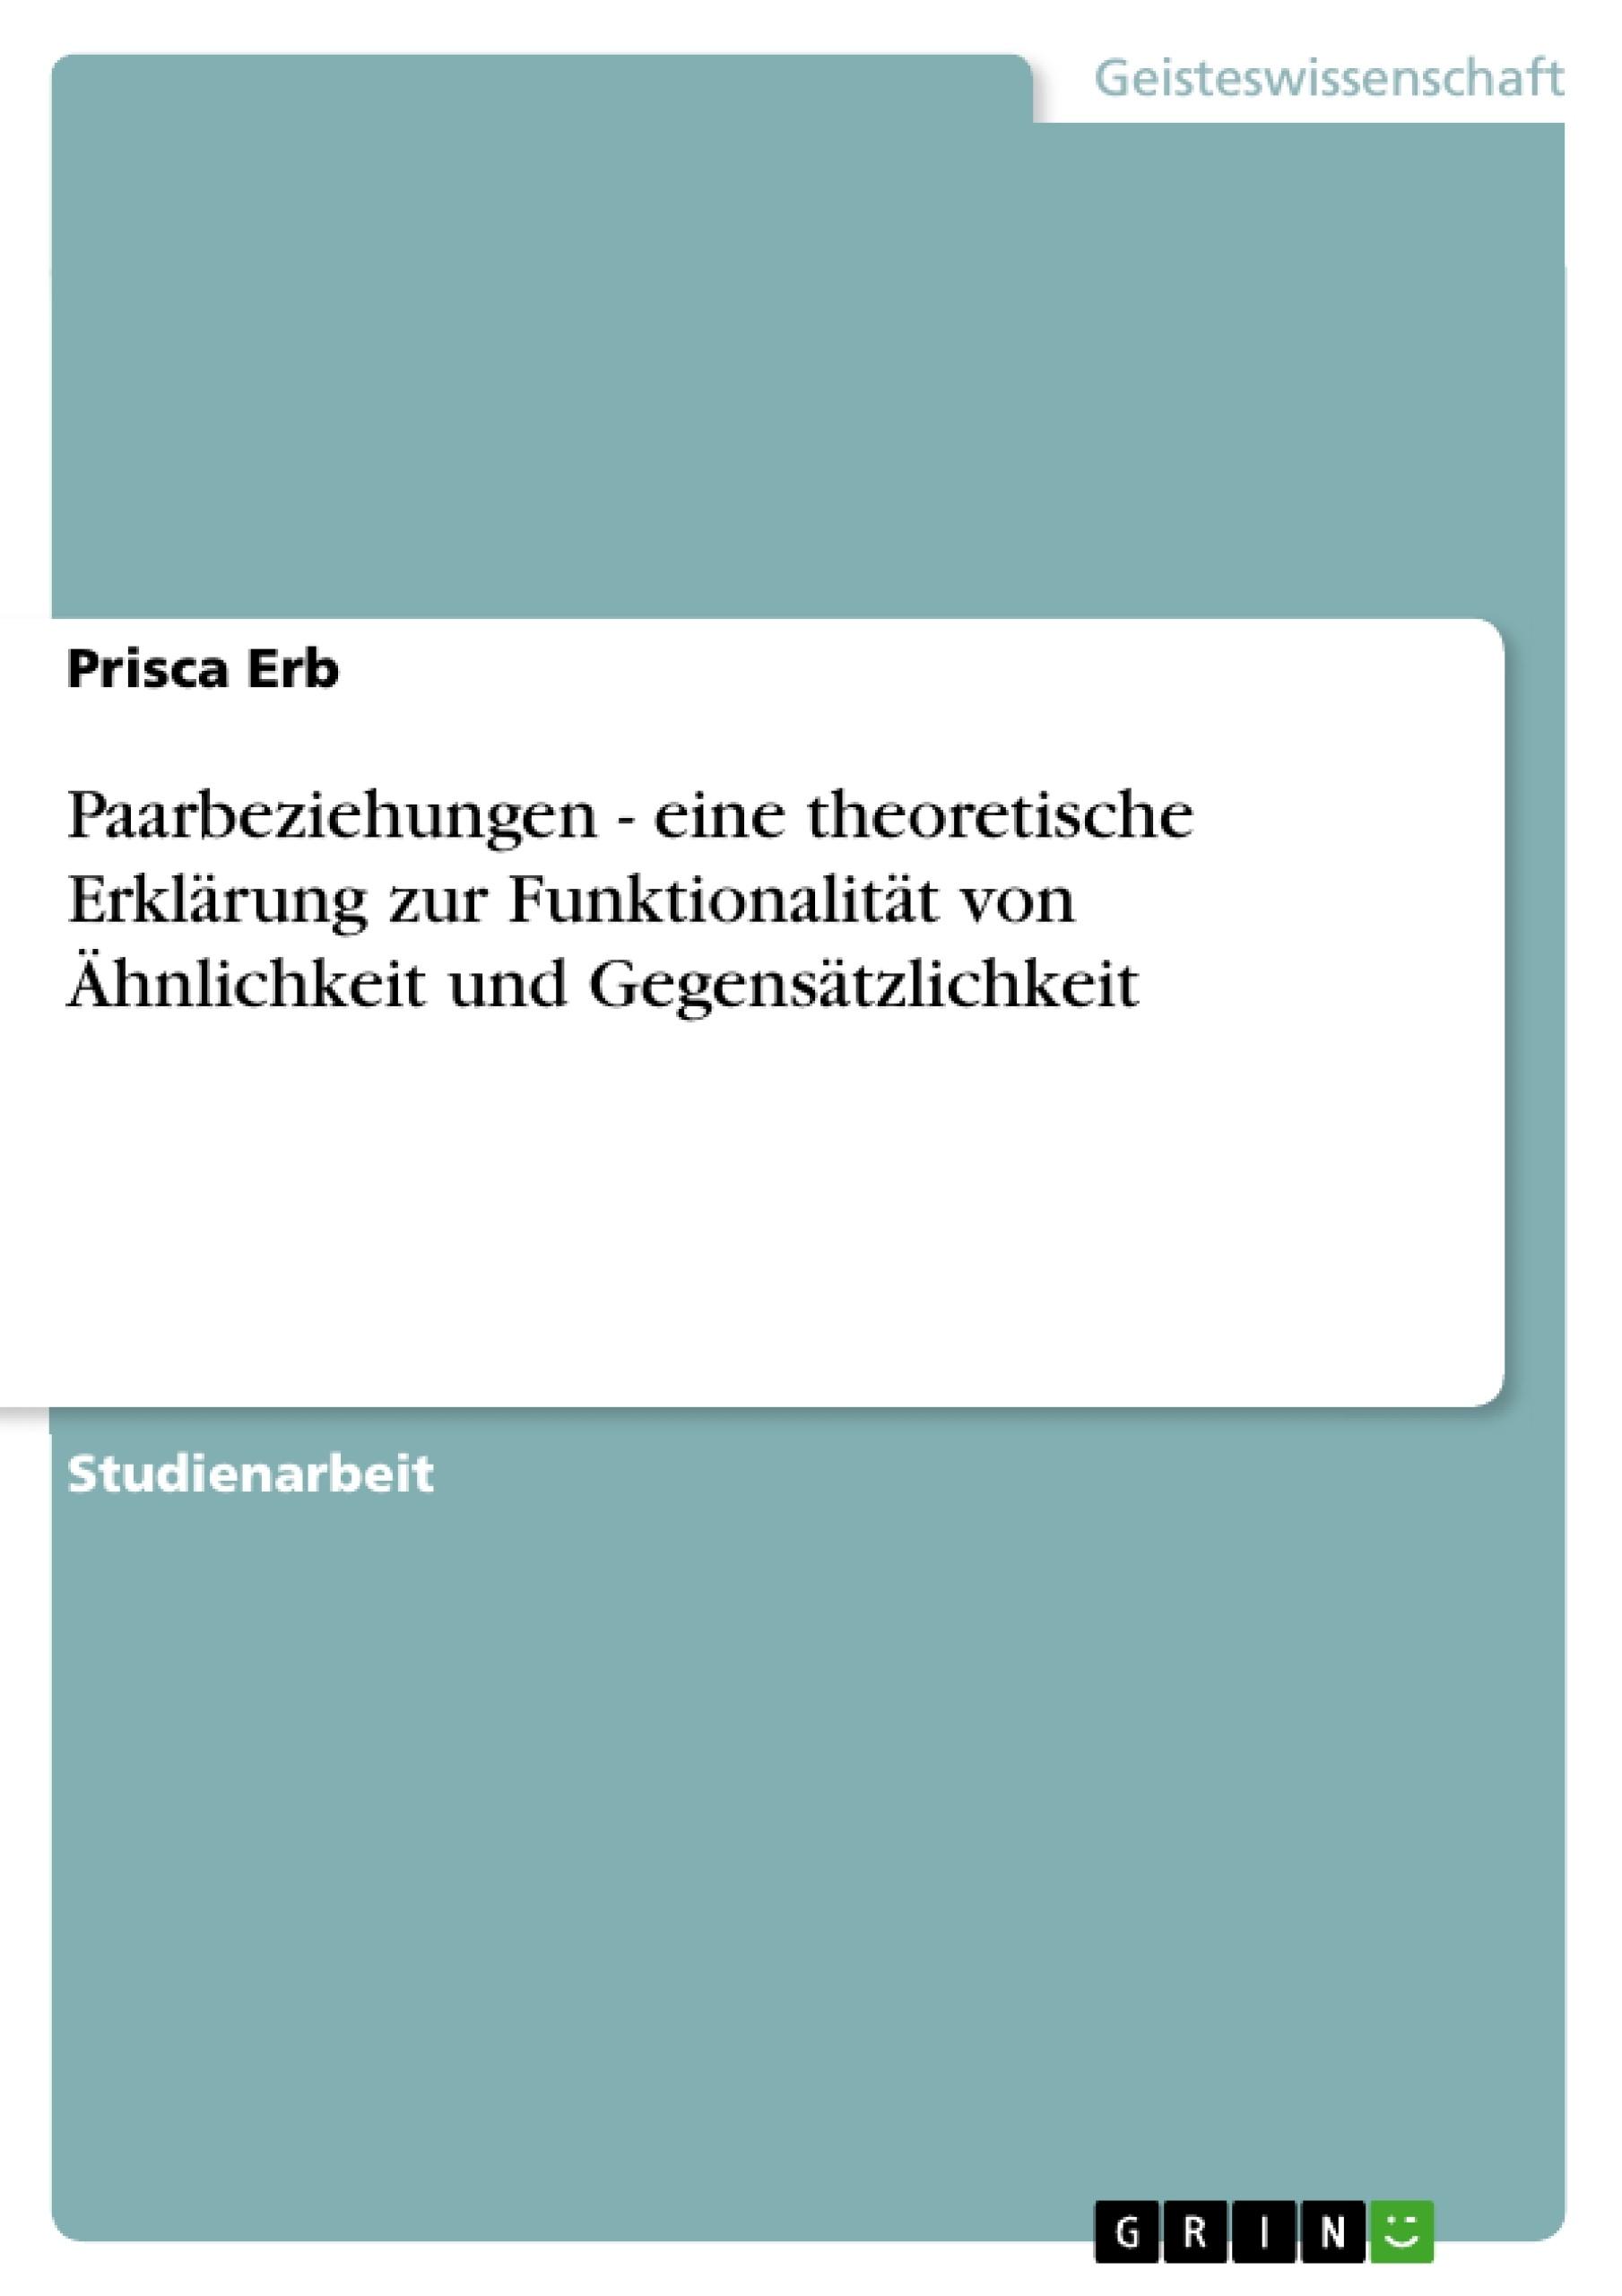 Titel: Paarbeziehungen - eine theoretische Erklärung zur Funktionalität von Ähnlichkeit und Gegensätzlichkeit